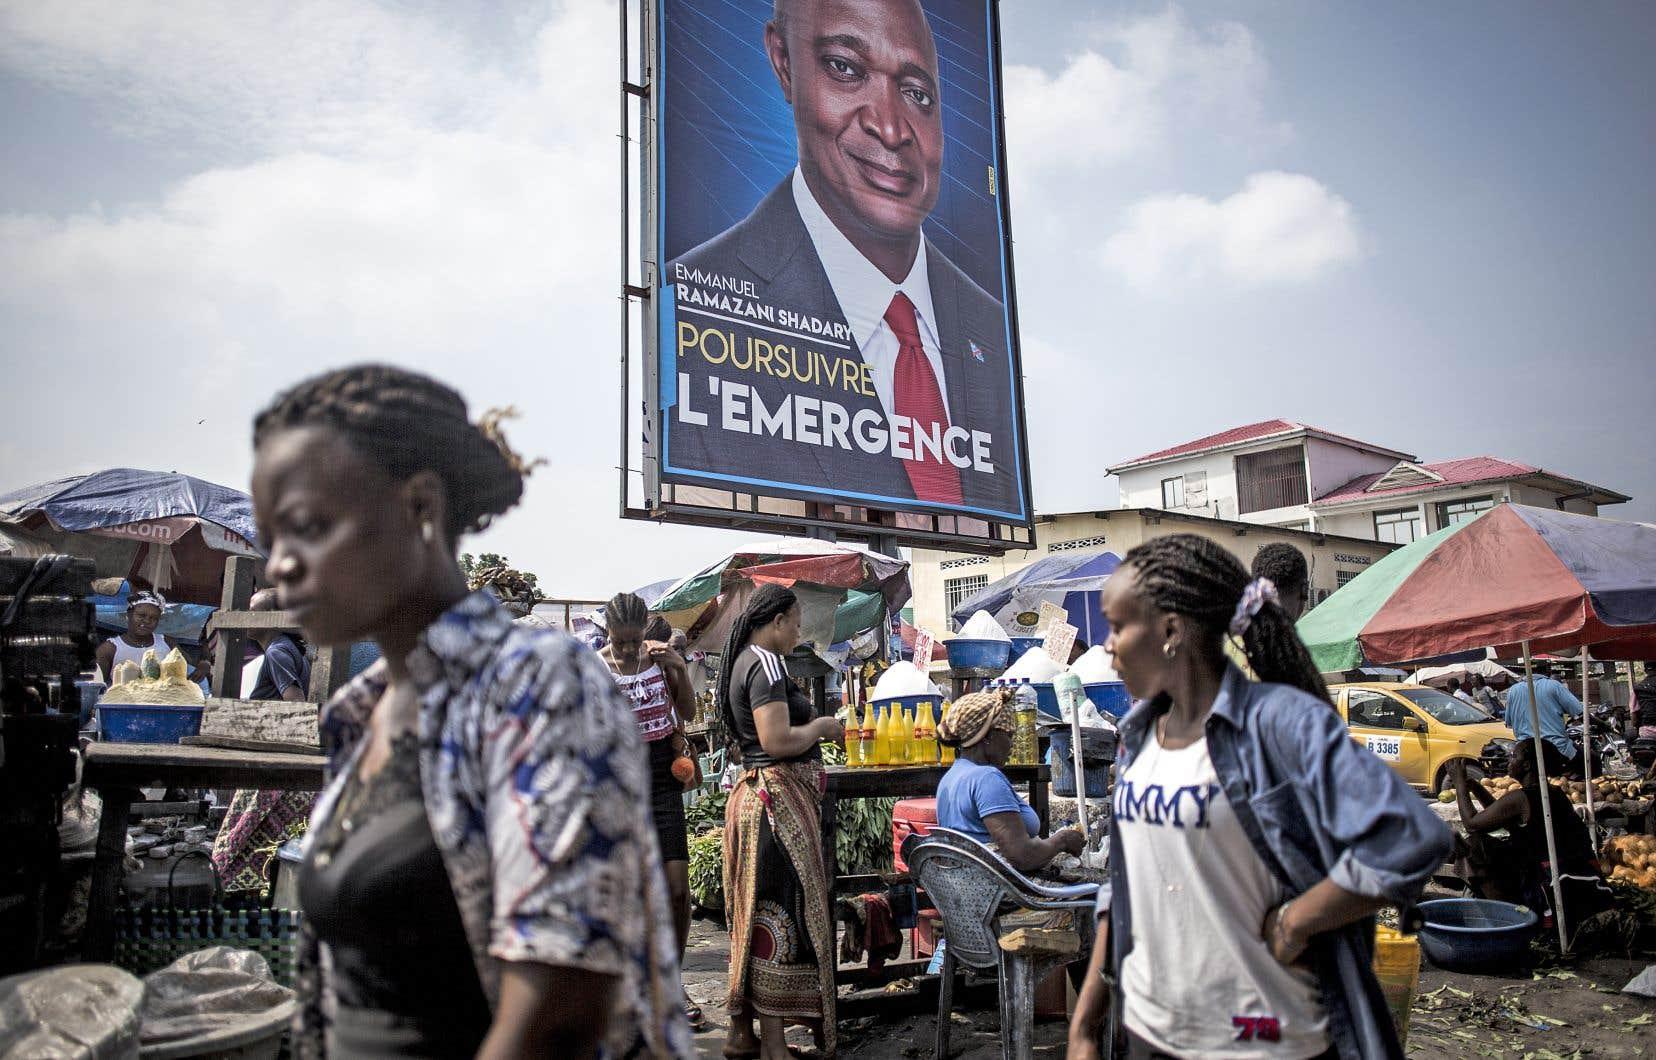 Des passants circulant devant une affiche électorale du candidat à la présidentielle reportée Emmanuel Ramazani Shadary, dauphin de Joseph Kabila, dans la capitale de Kinshasa, le 18décembre dernier